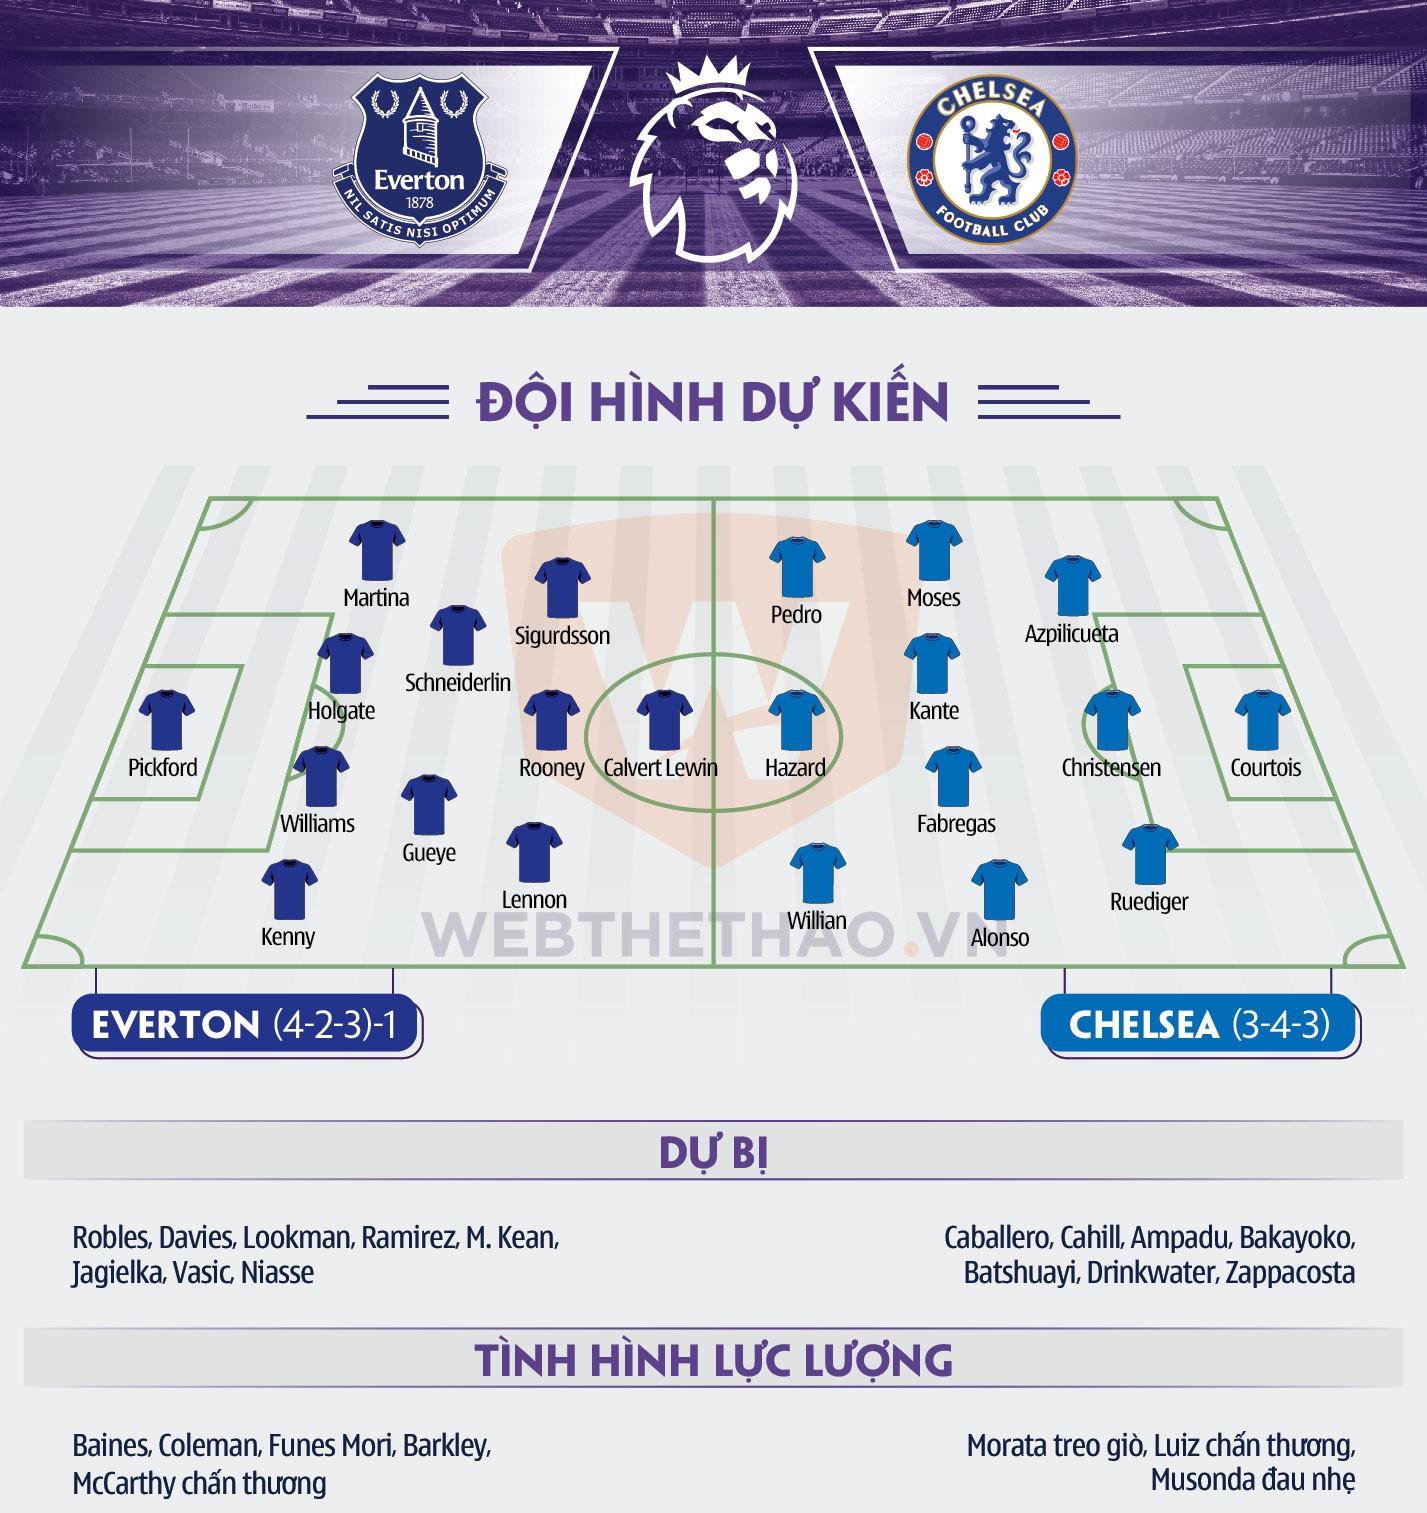 Hình ảnh: Thông tin đội hình Everton Chelsea